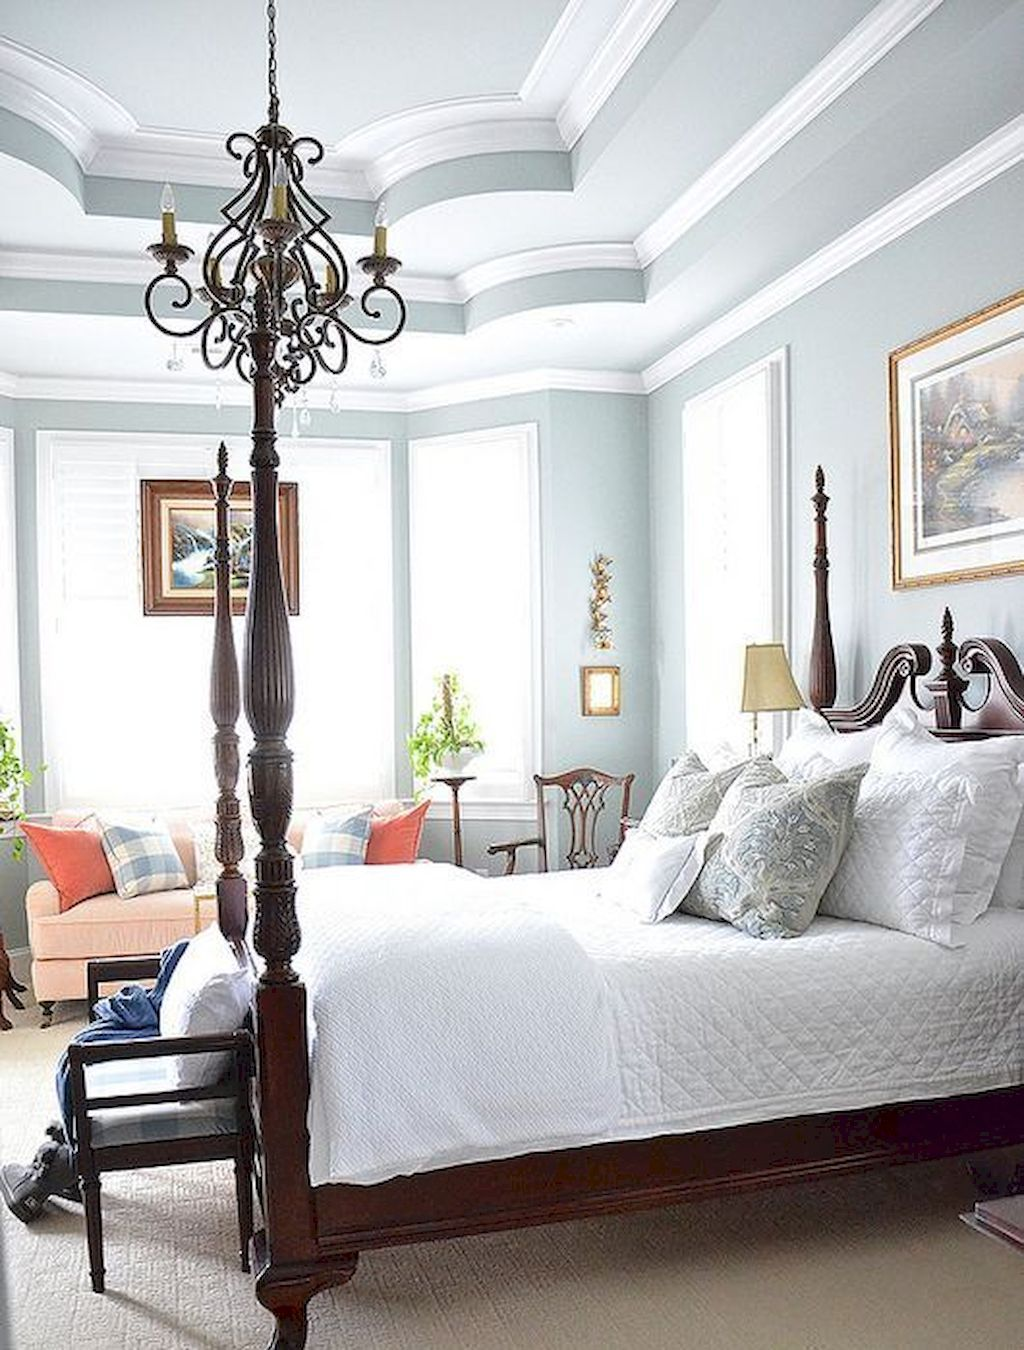 Inspiring Traditional Bedroom Decor Ideas 02